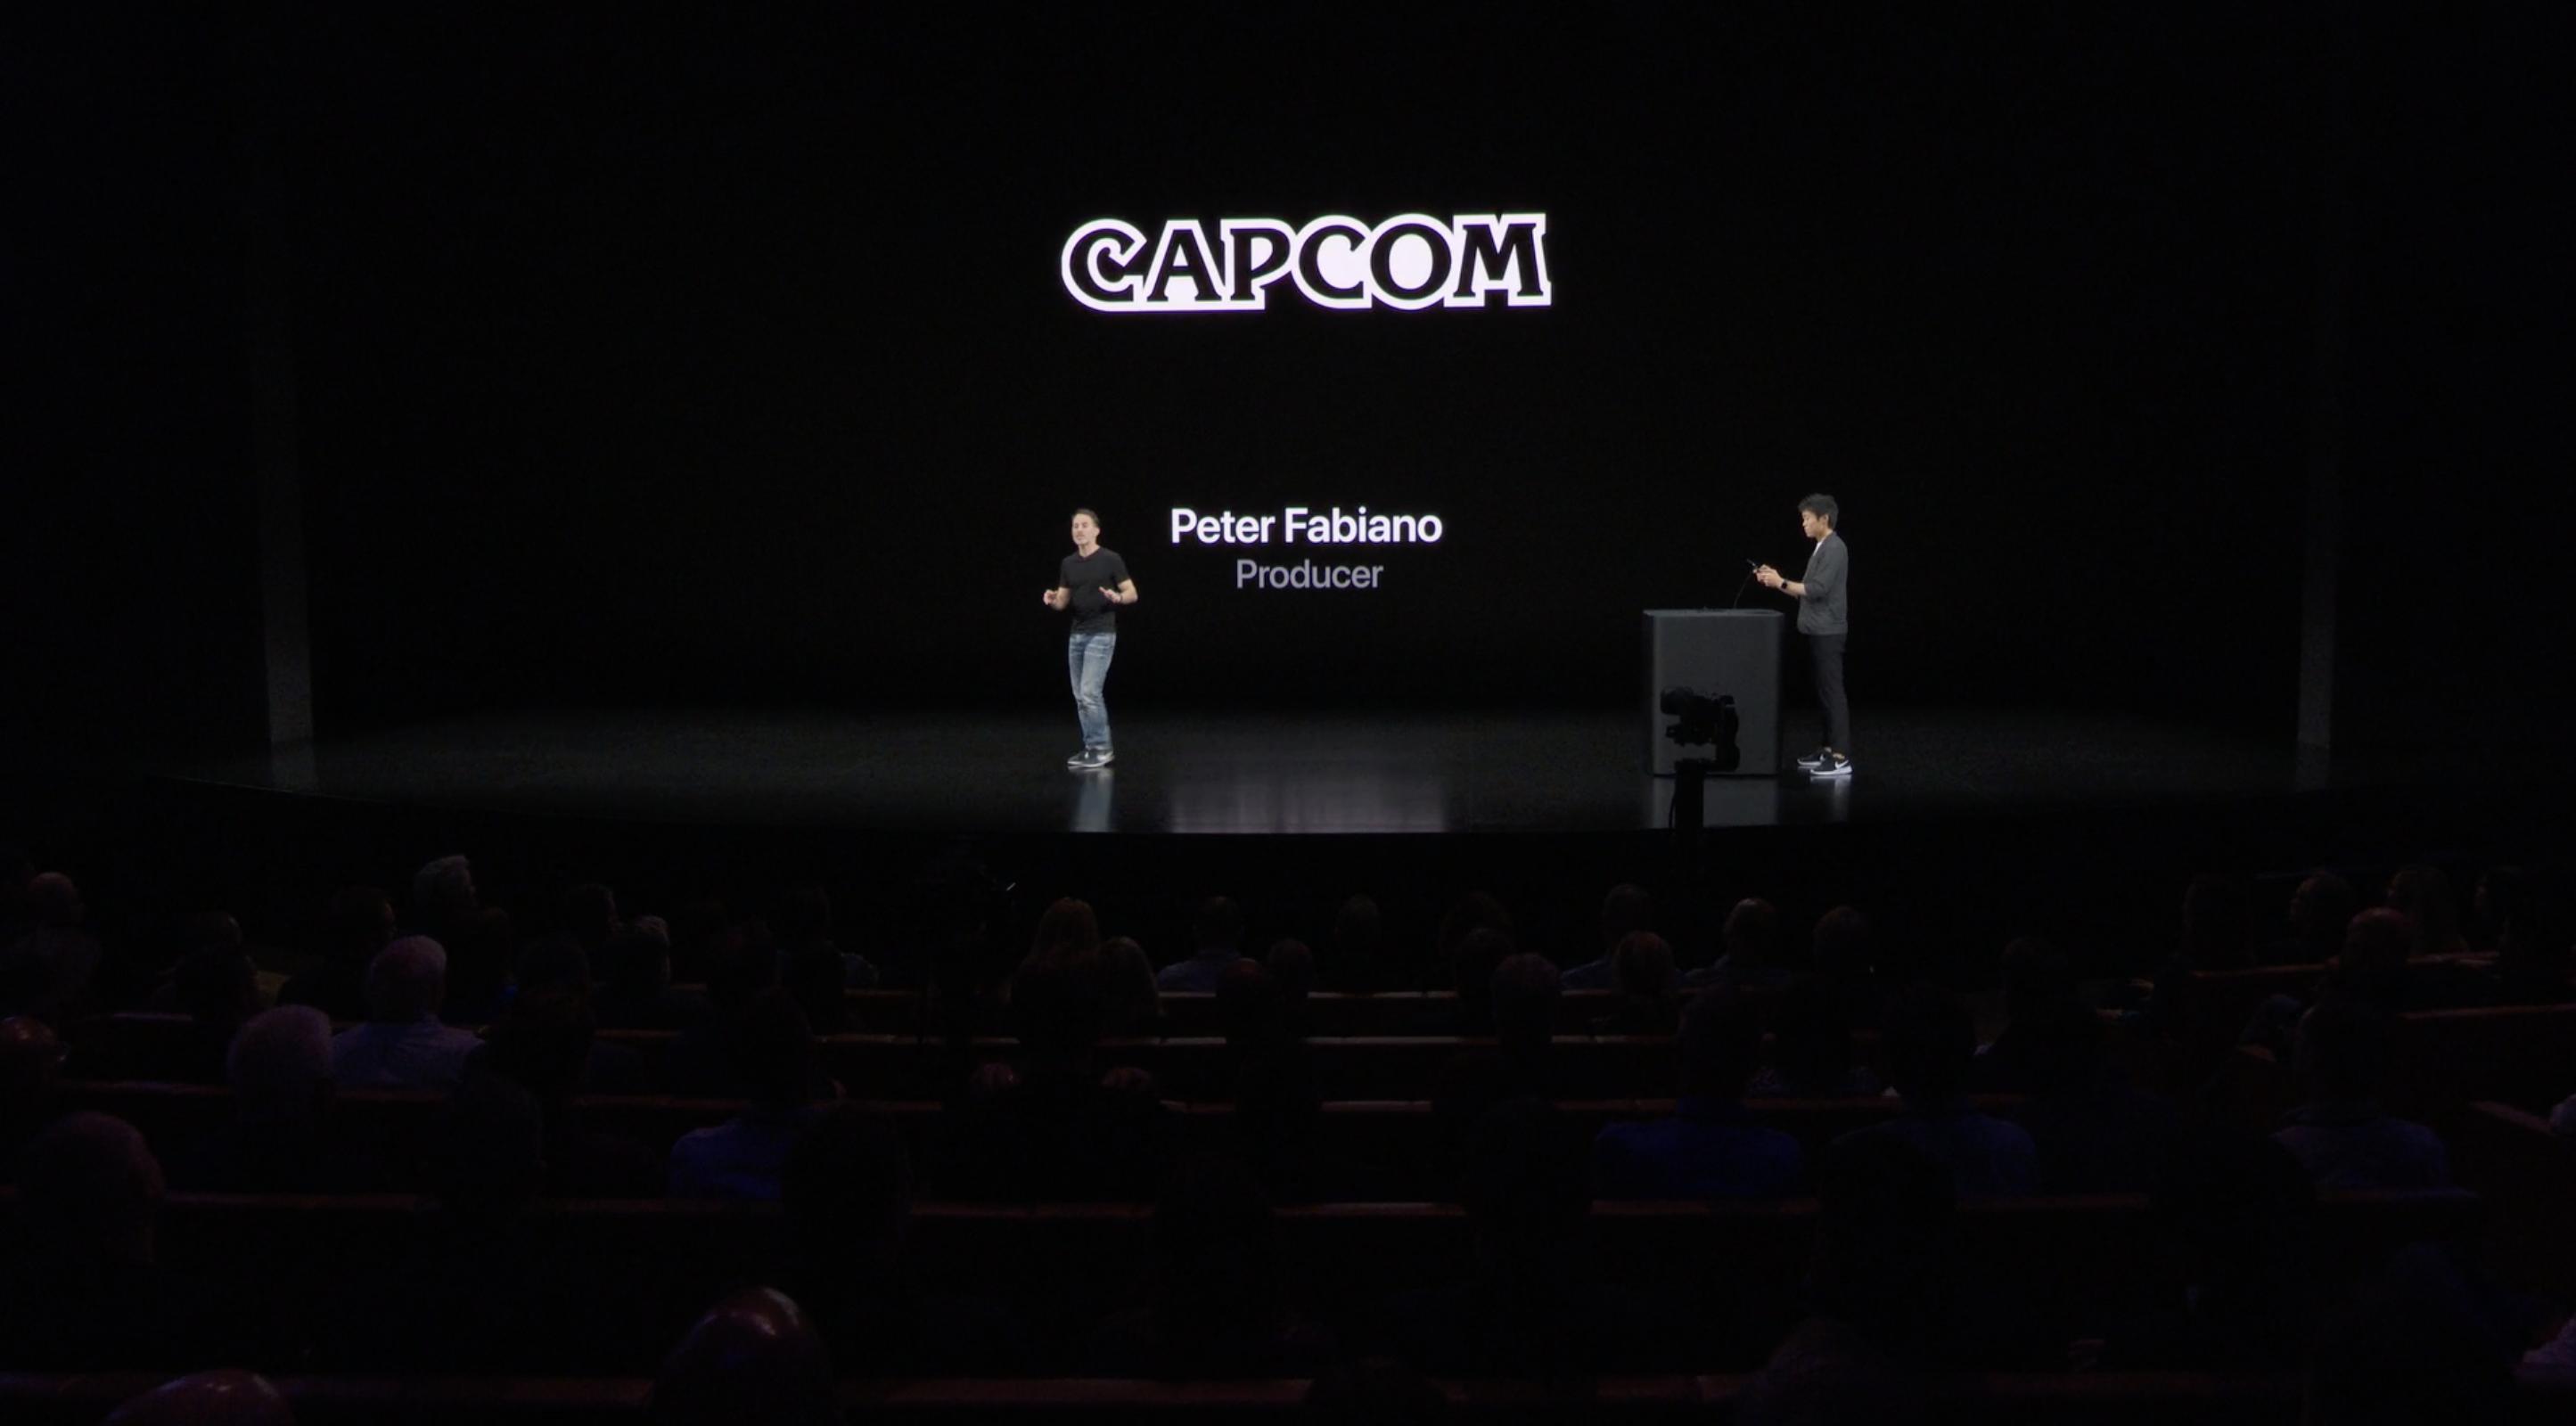 Capcom en el escenario de Apple